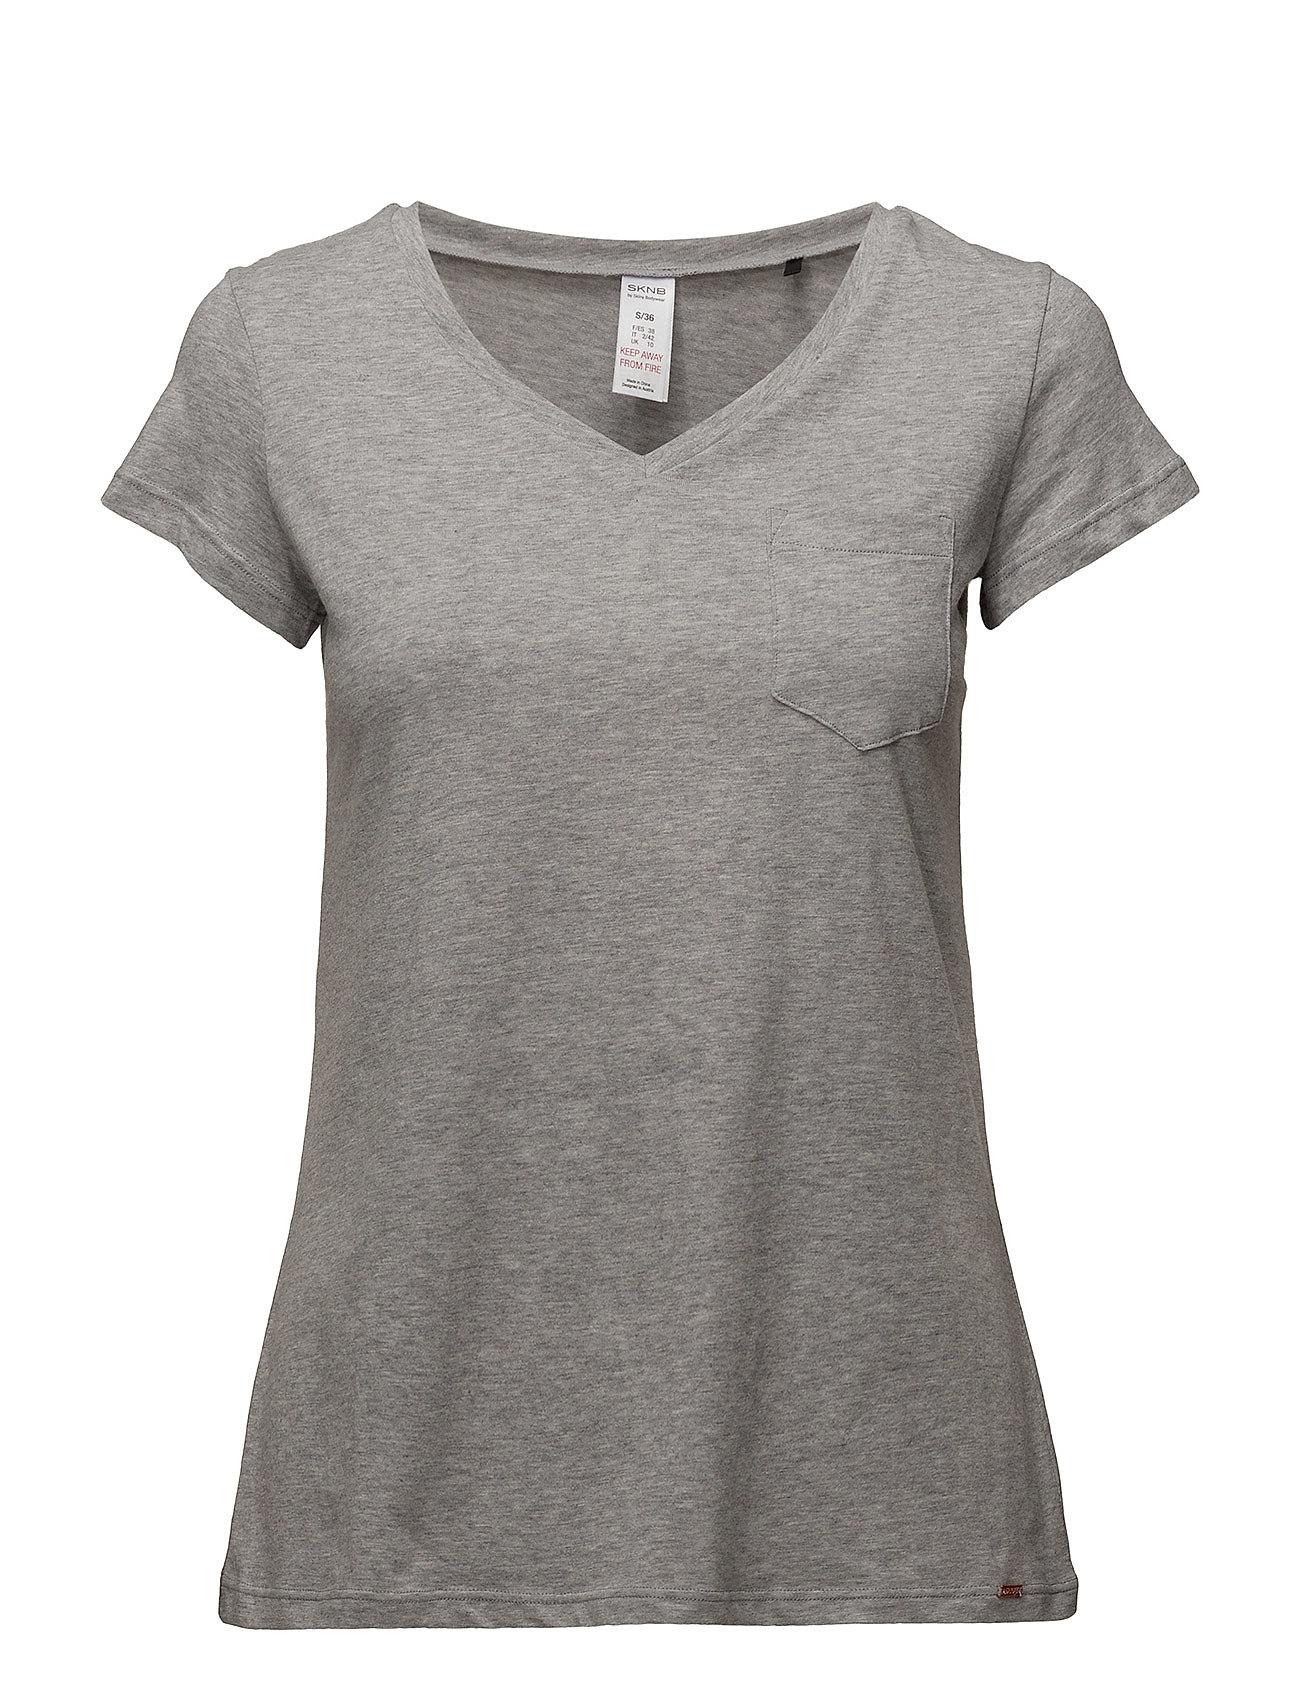 Skiny L. shirt s/slv - PEPPLE GREY MELANGE